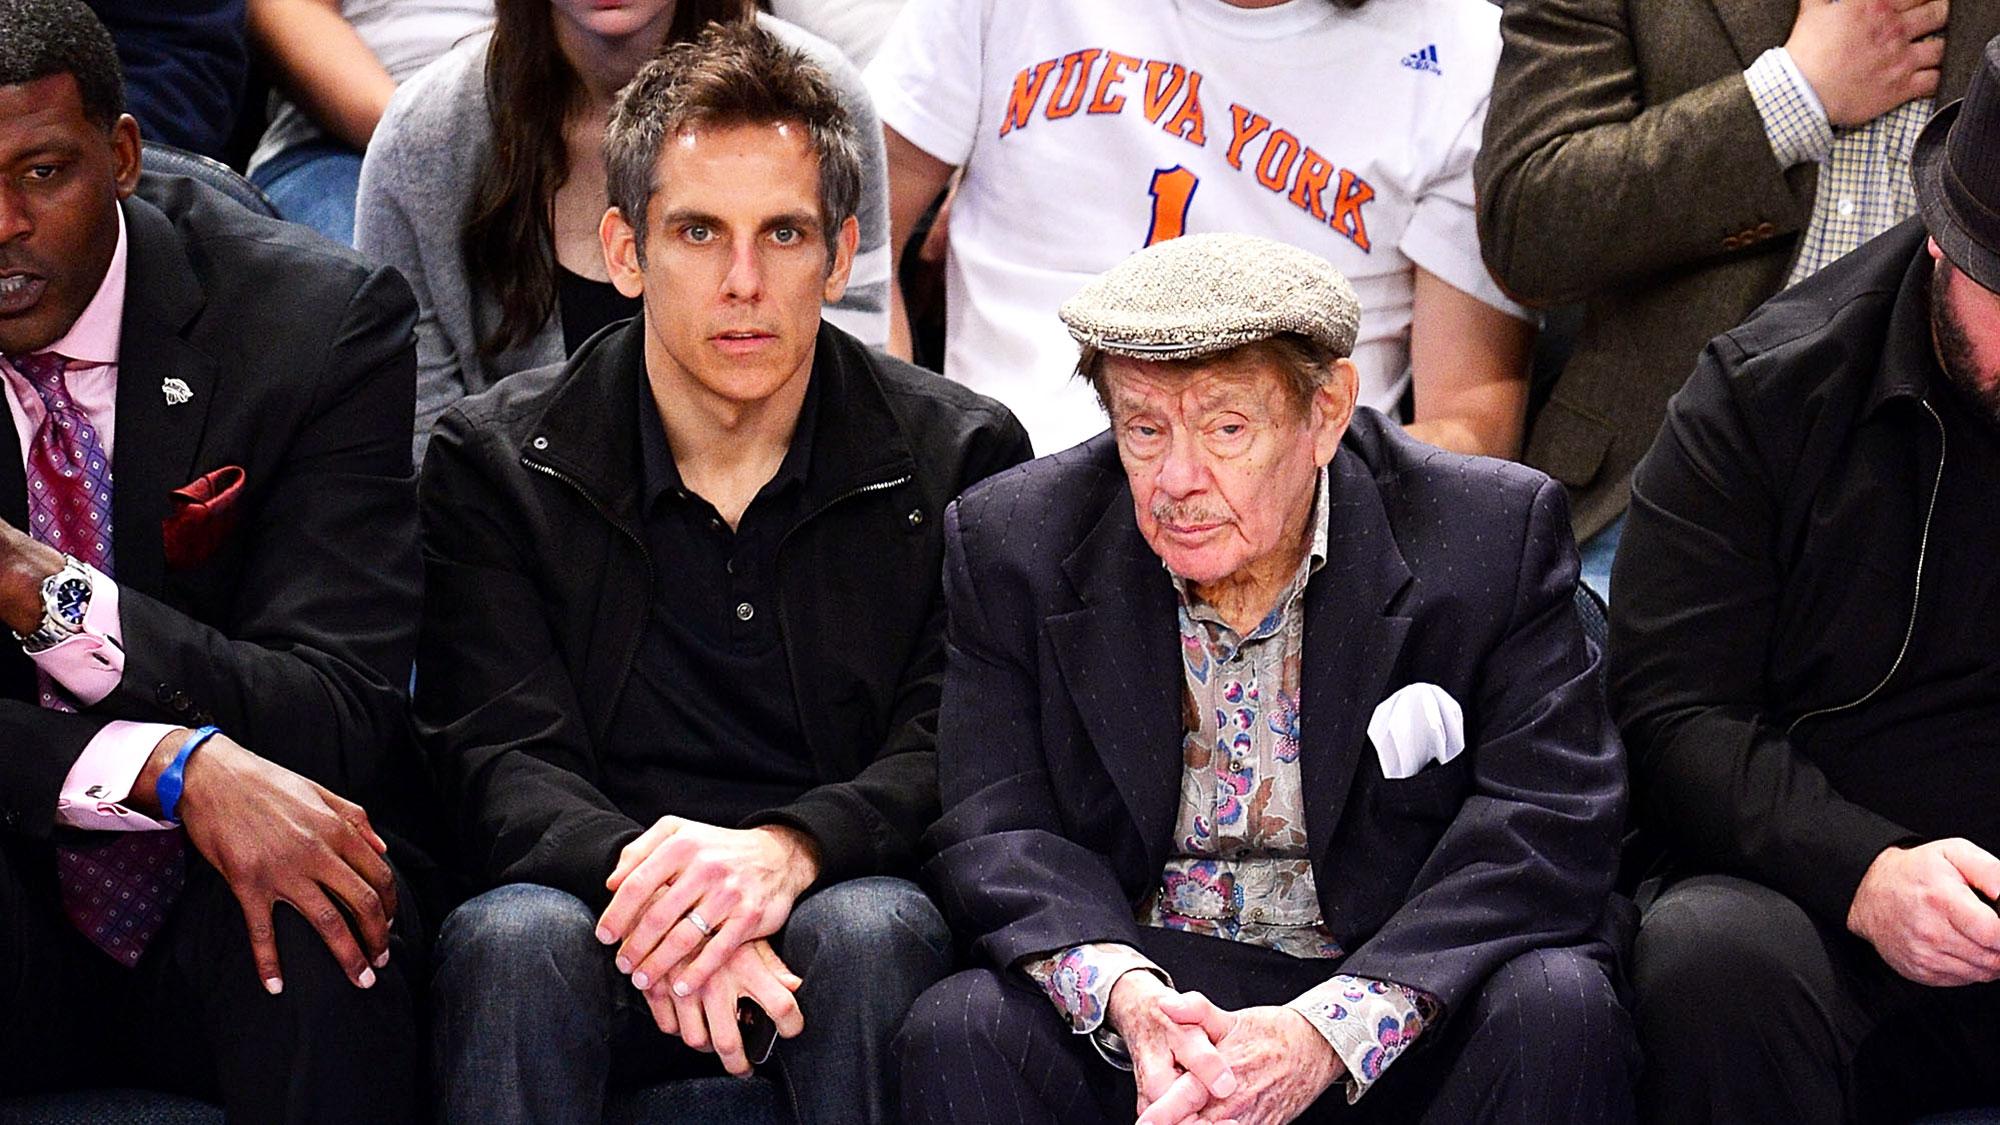 Ben Stiller's Dad Jerry Stiller Rushed to Hospital